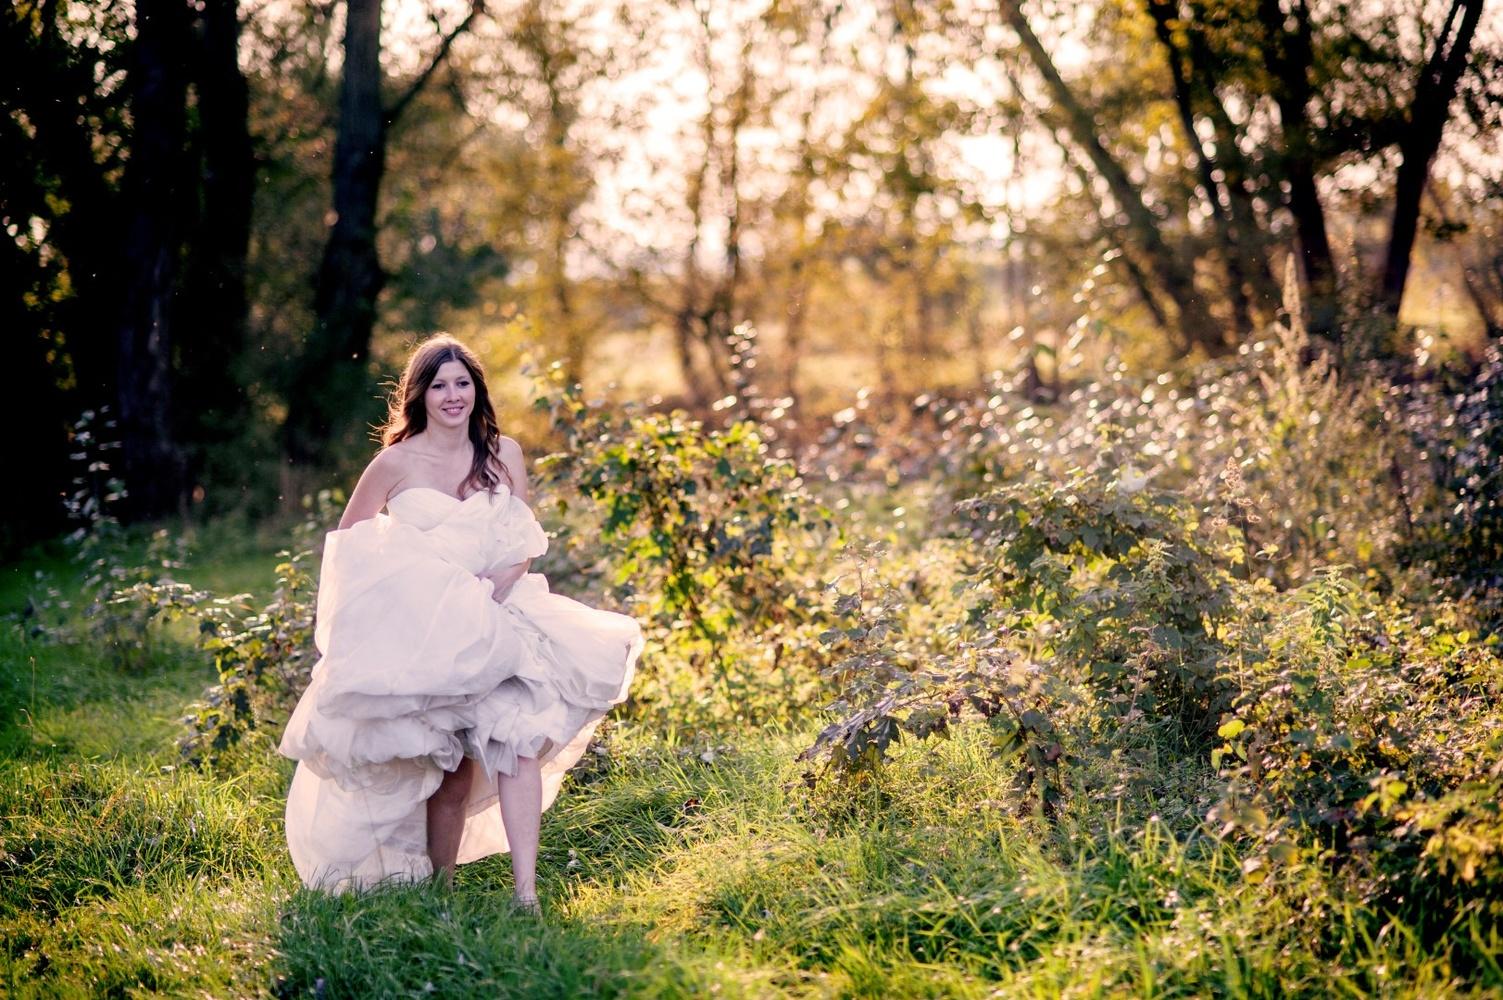 http://www.fotoz.sk/images/gallery-9/normal/eskuvoi-fotos_svadobny-fotograf_201.jpg